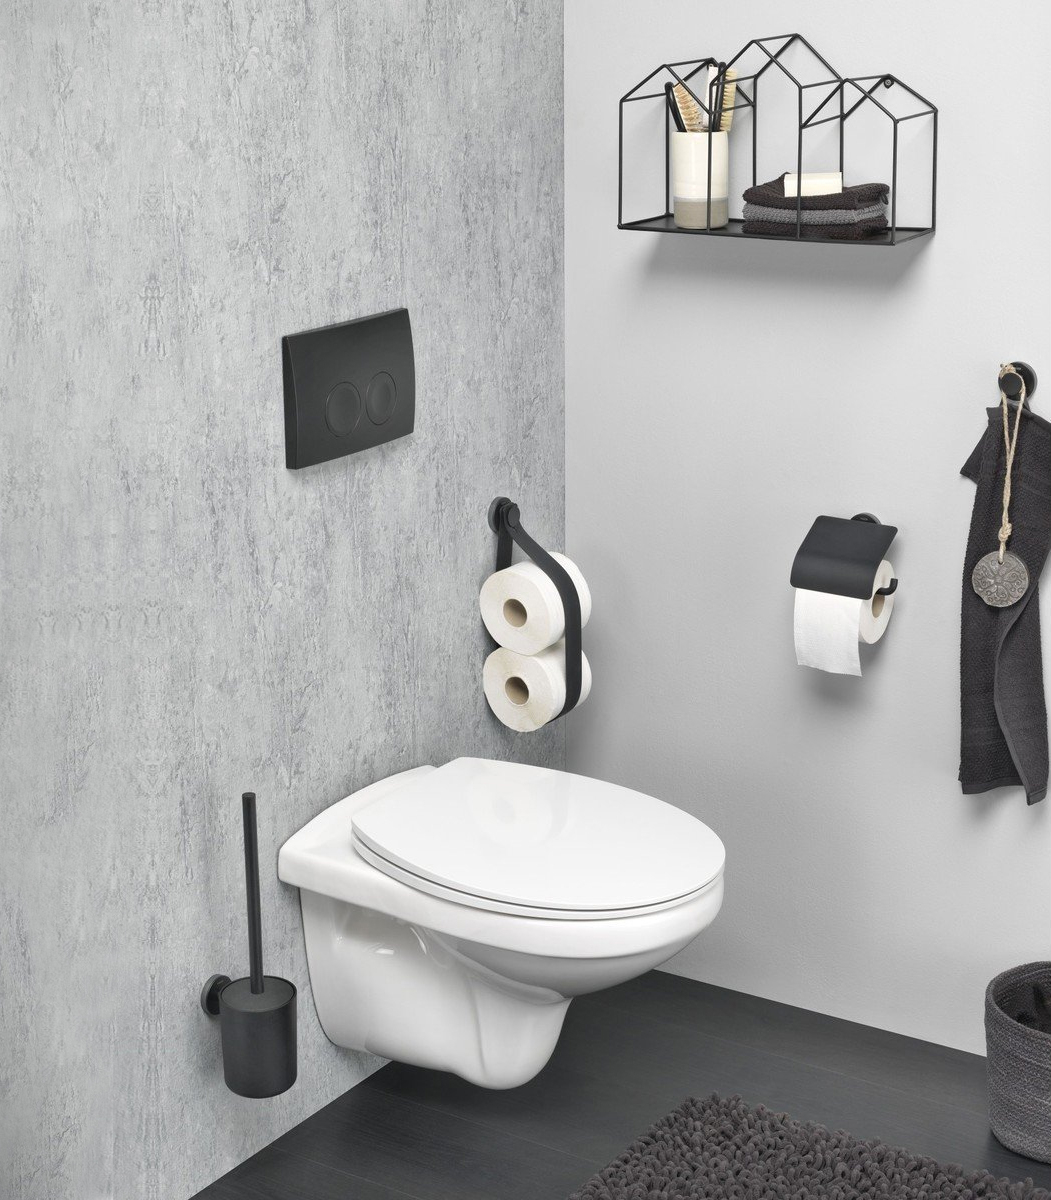 Mat, leder, staal en zwart: stoere accessoires voor op de wc.